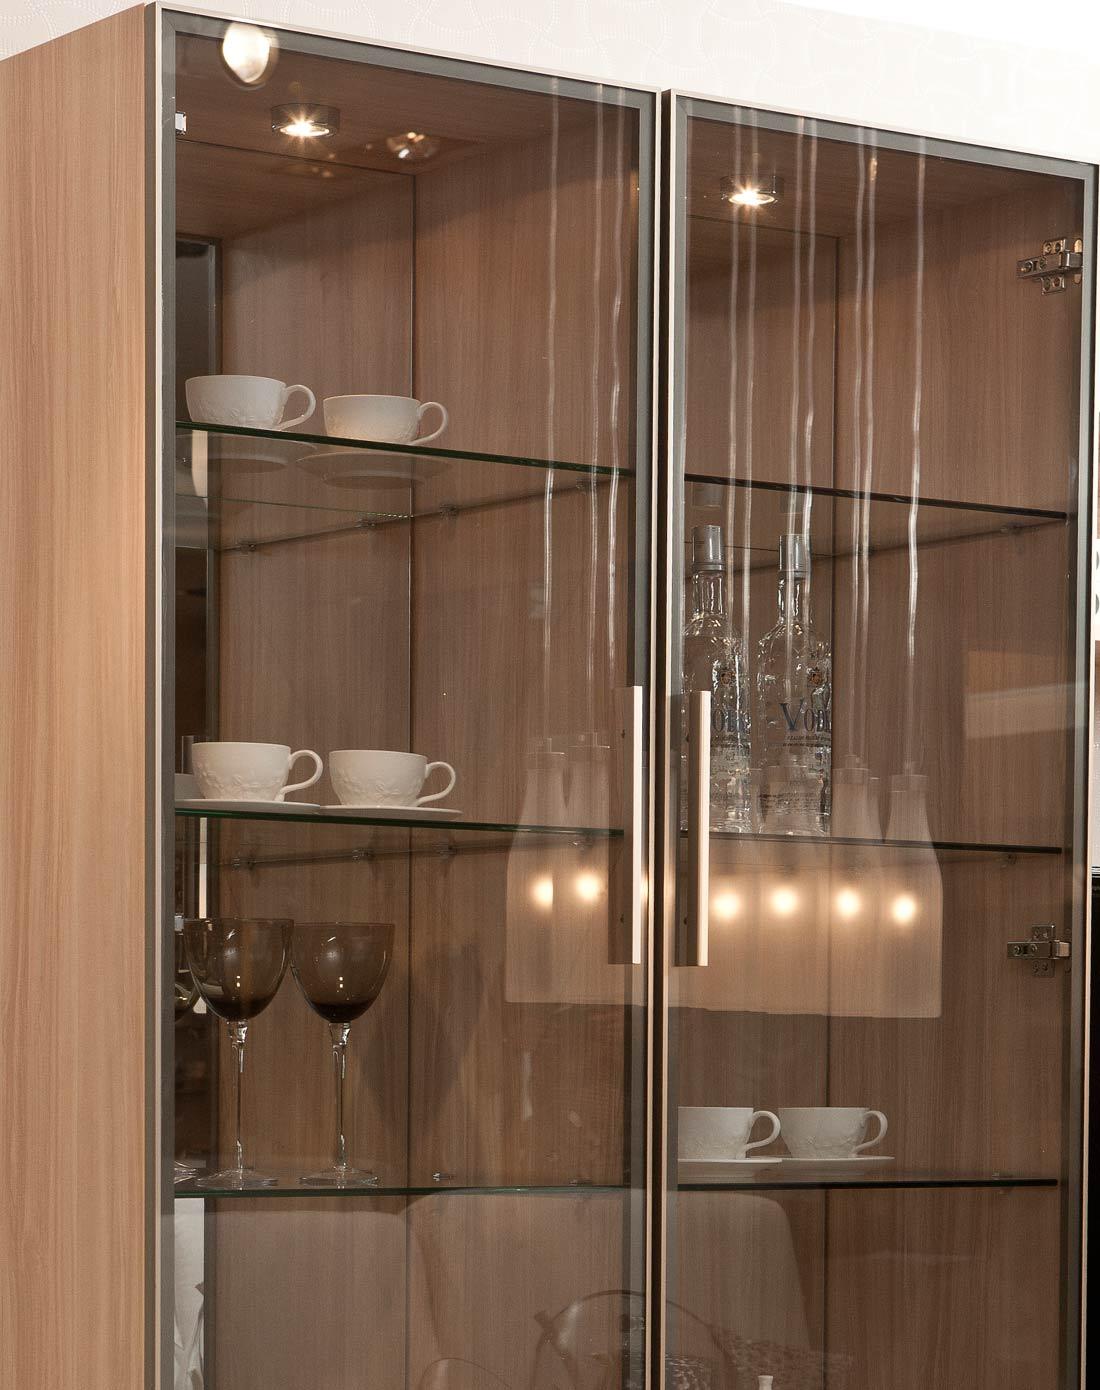 家庭小酒柜造型图片 2015酒柜造型效果图 欧式酒柜造型